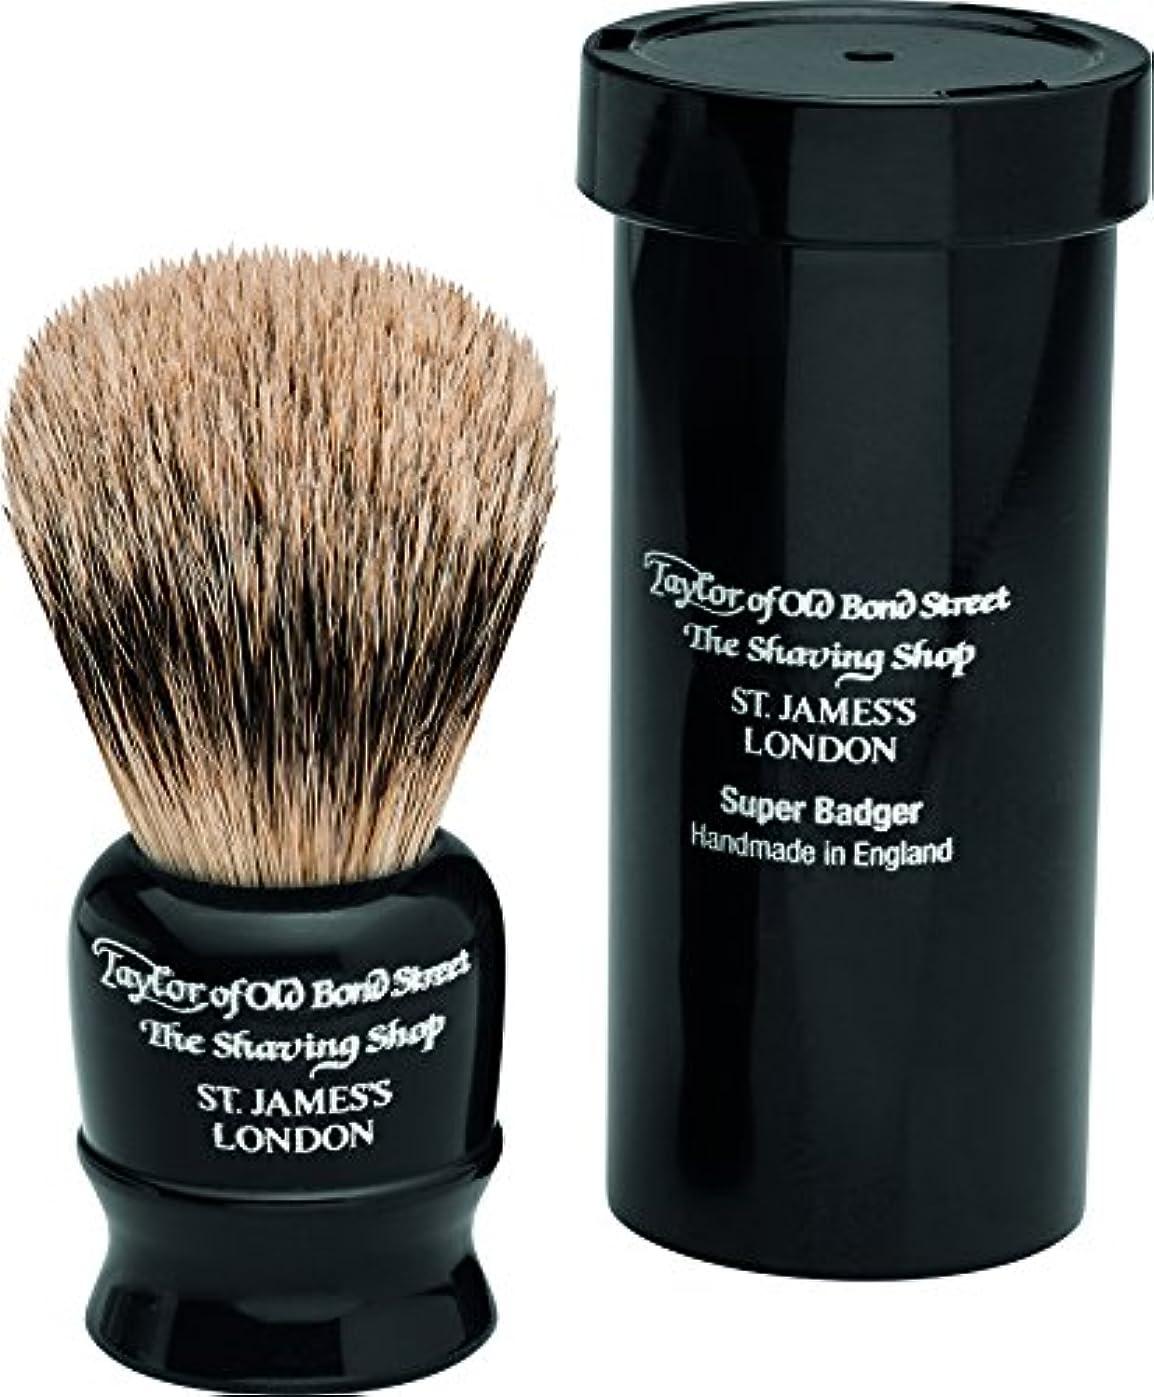 活性化回転するサービスTravel Super Badger Shaving Brush, 8,25 cm, black - Taylor of old Bond Street